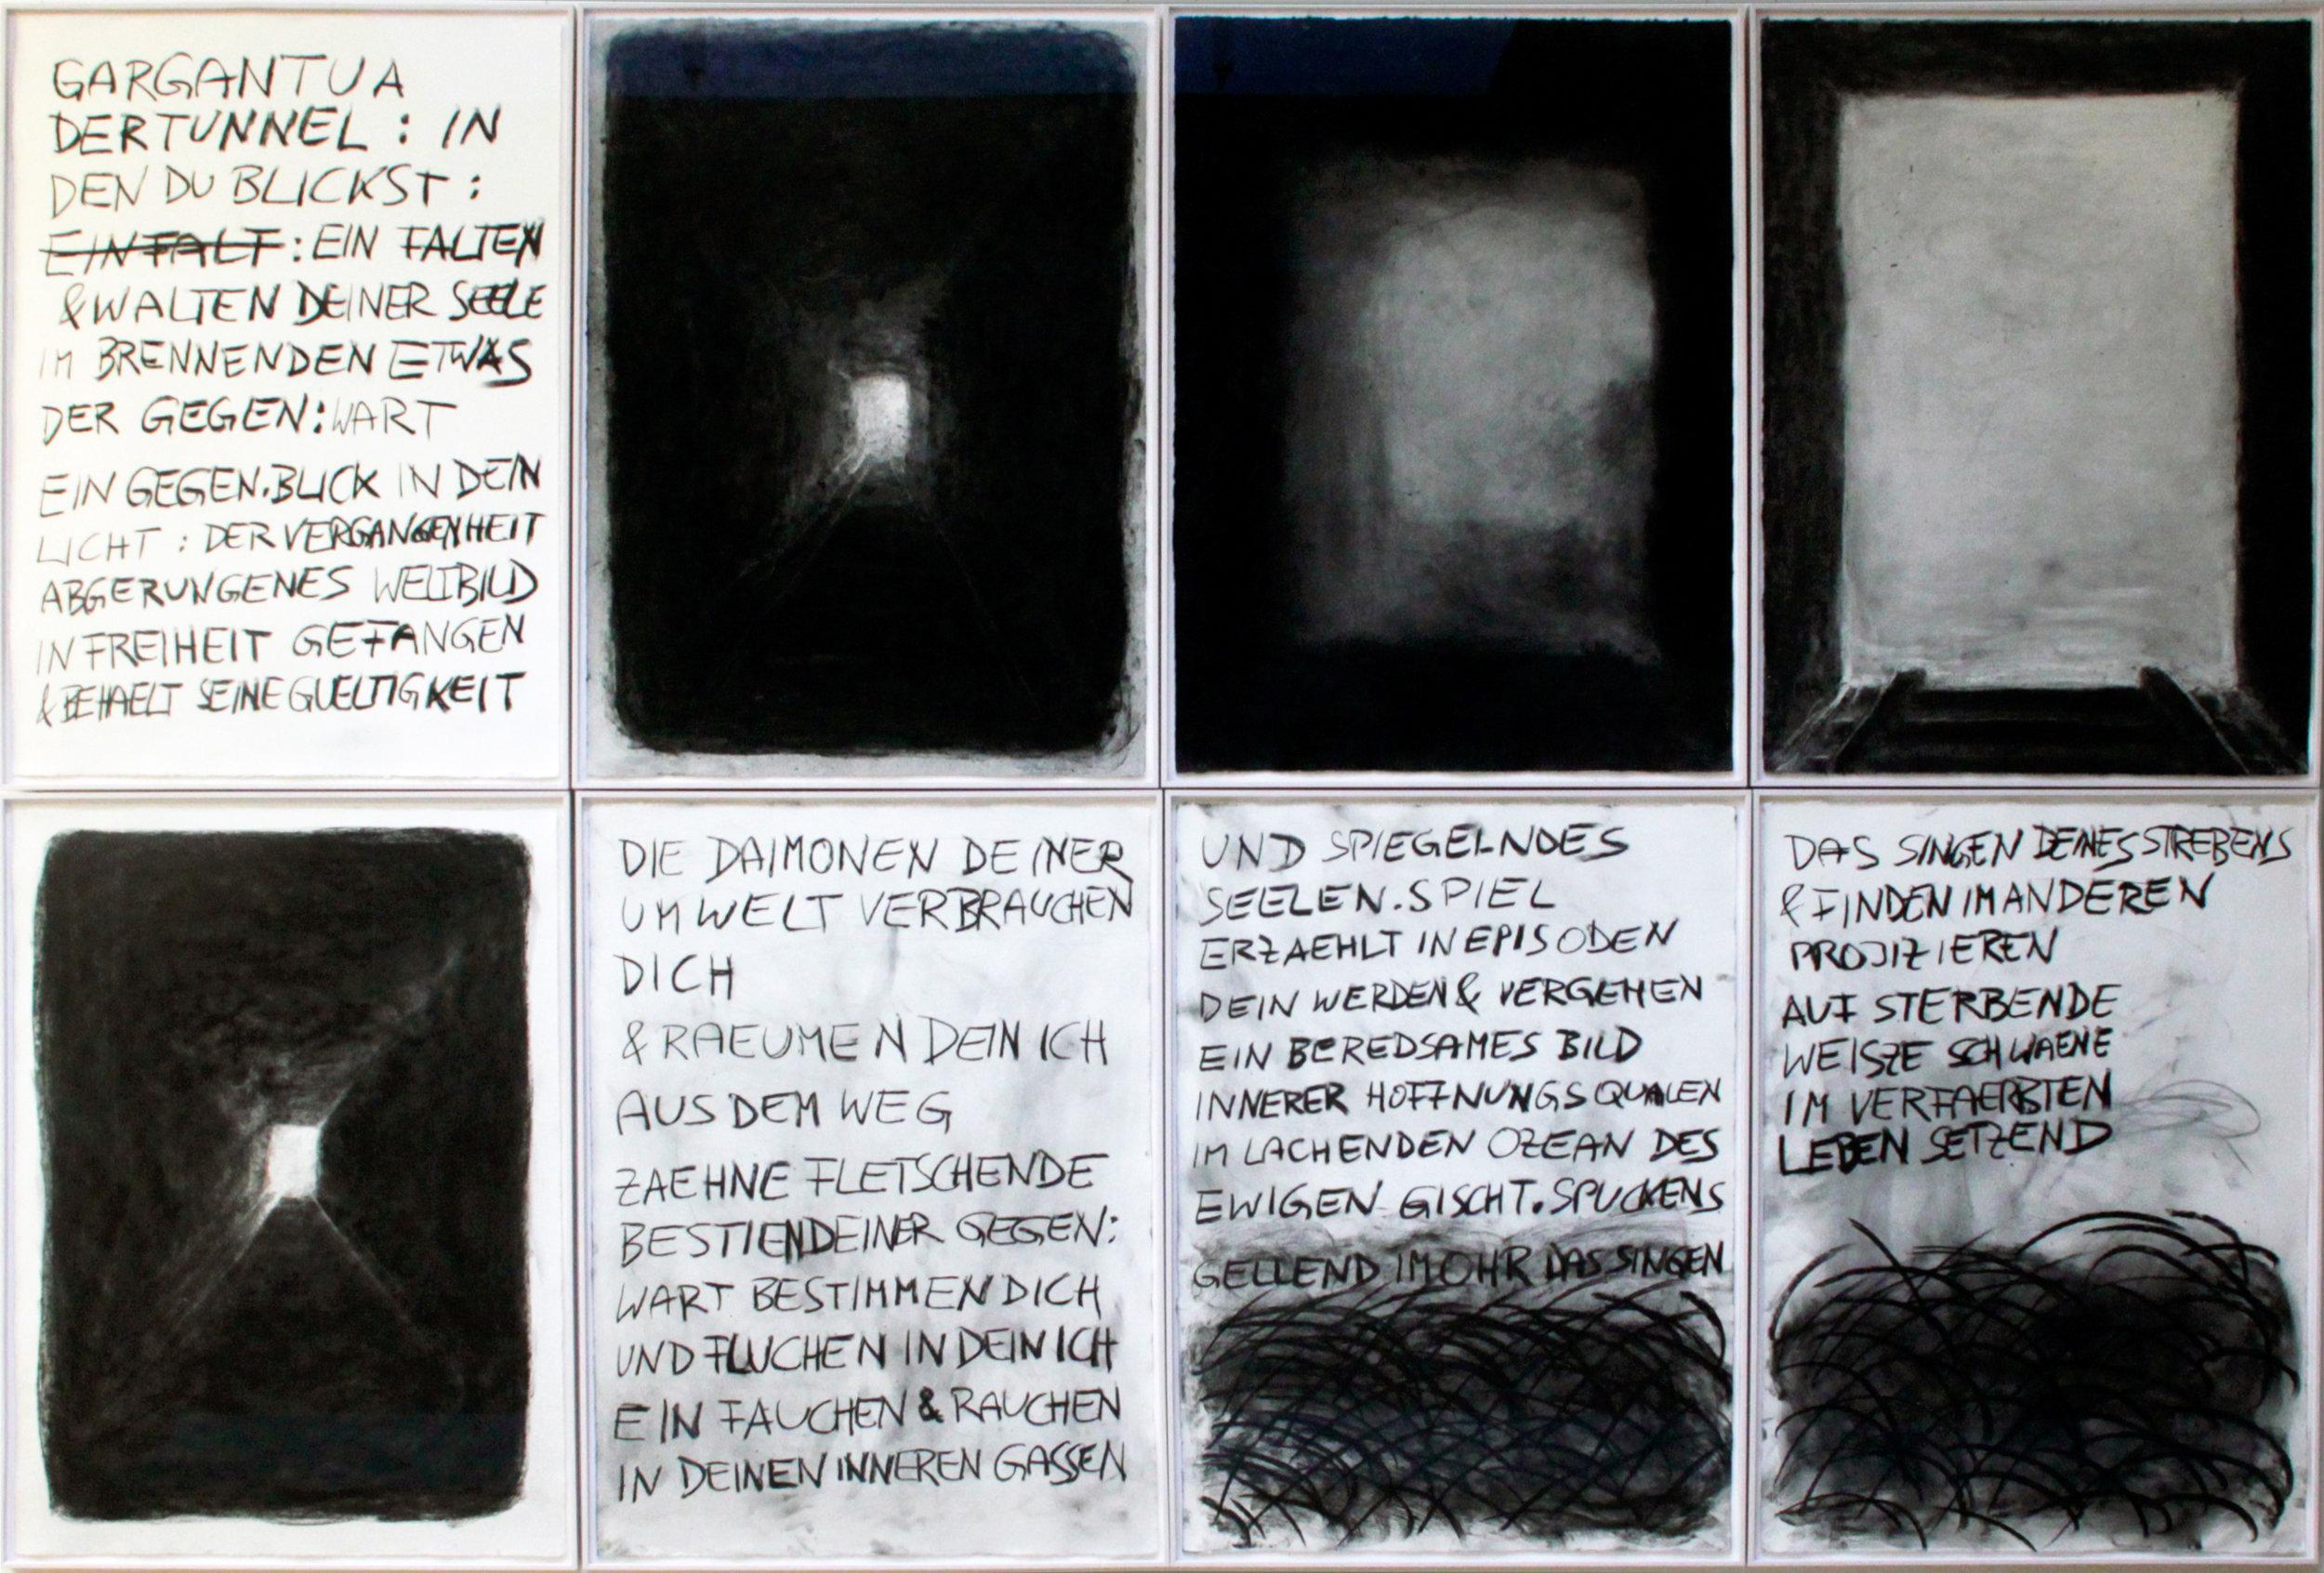 brochuere tunnelblick i_mg_5490.jpg